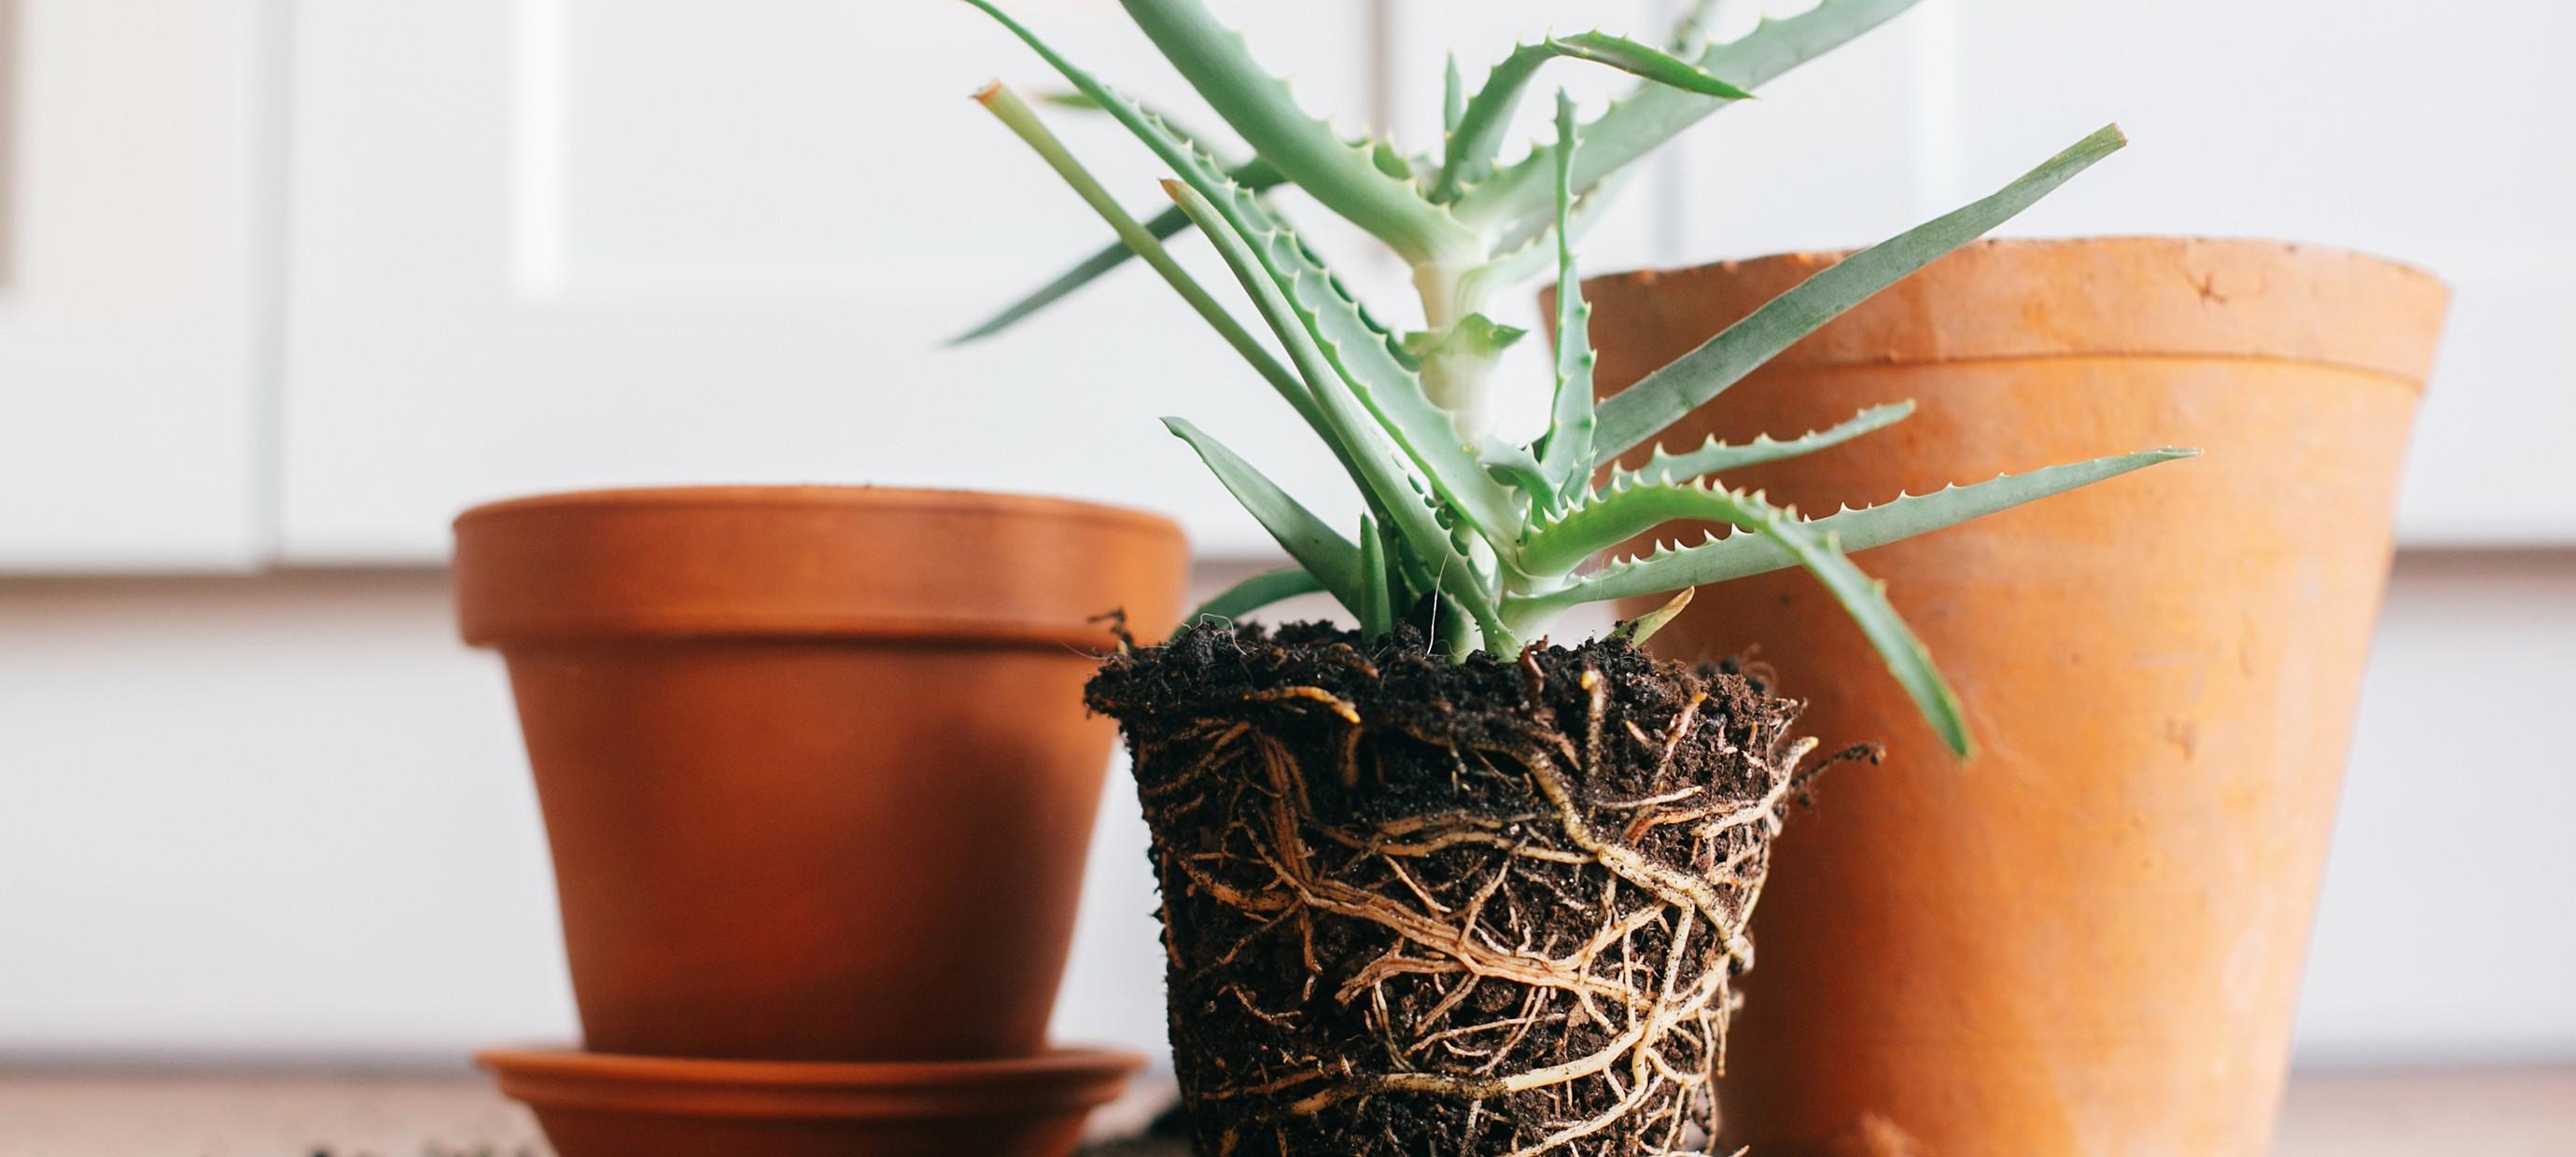 Hoe verpot ik een plant?